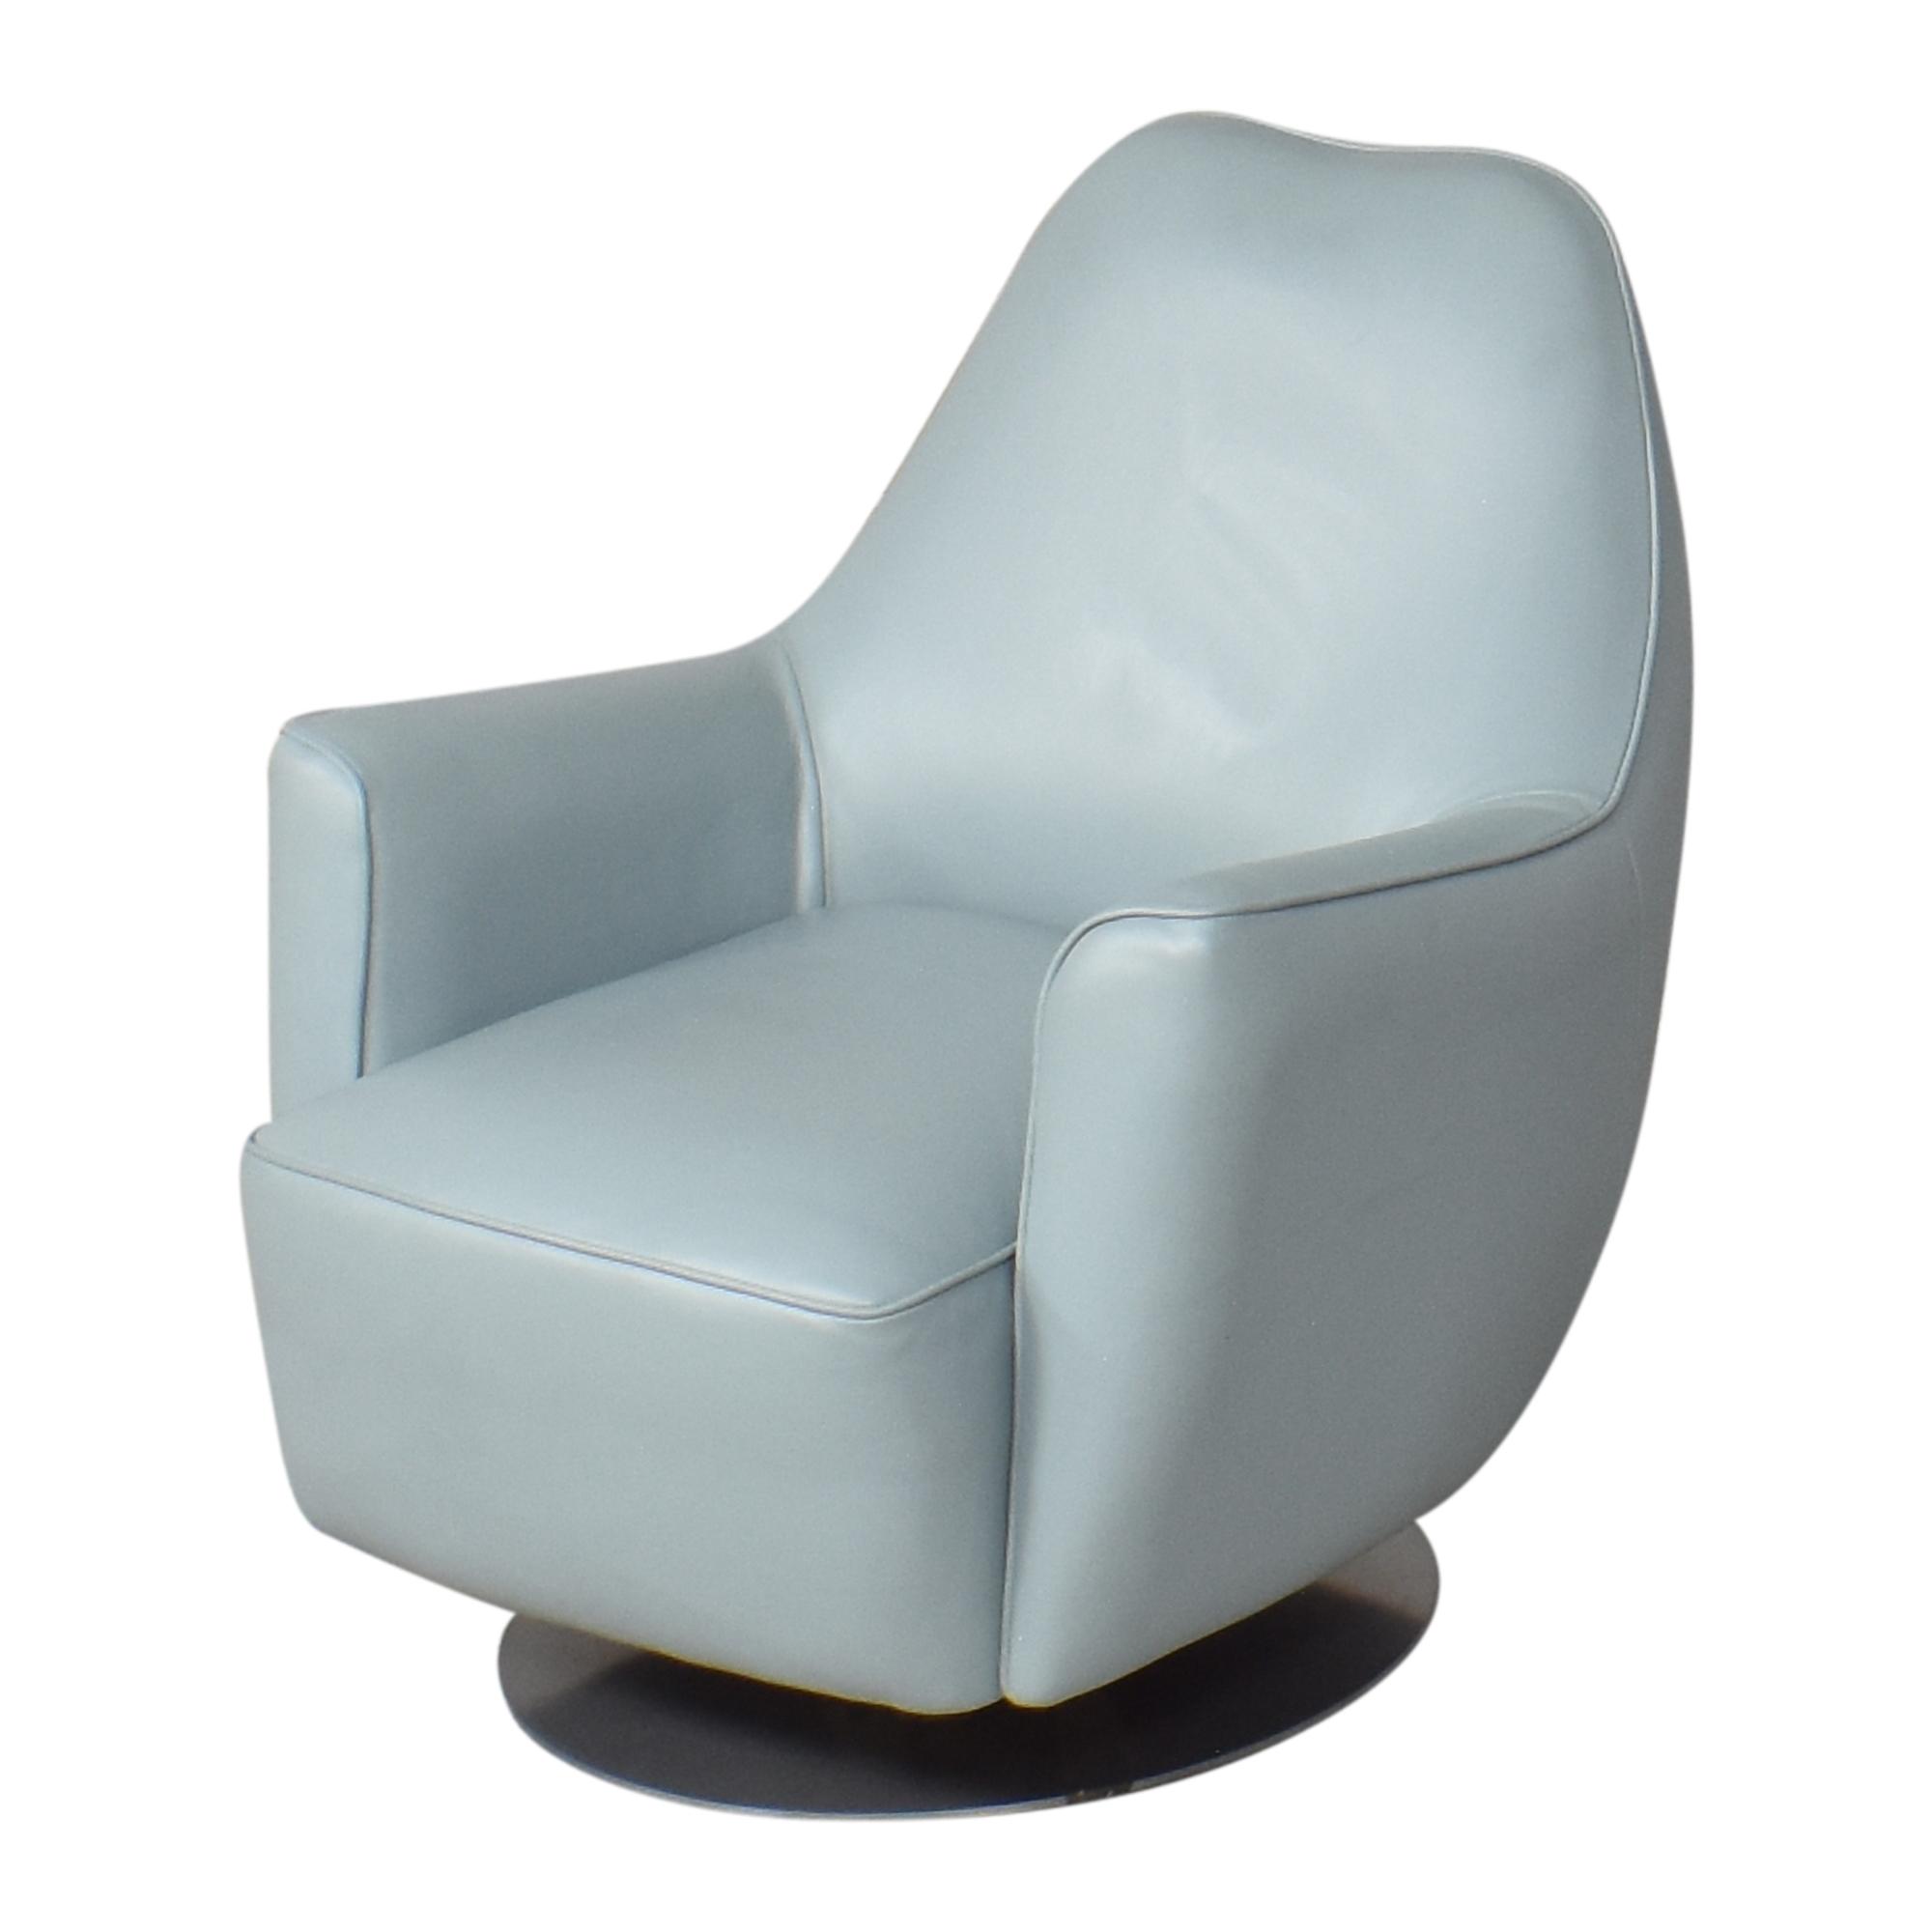 Room & Board Modern Swivel Chair sale